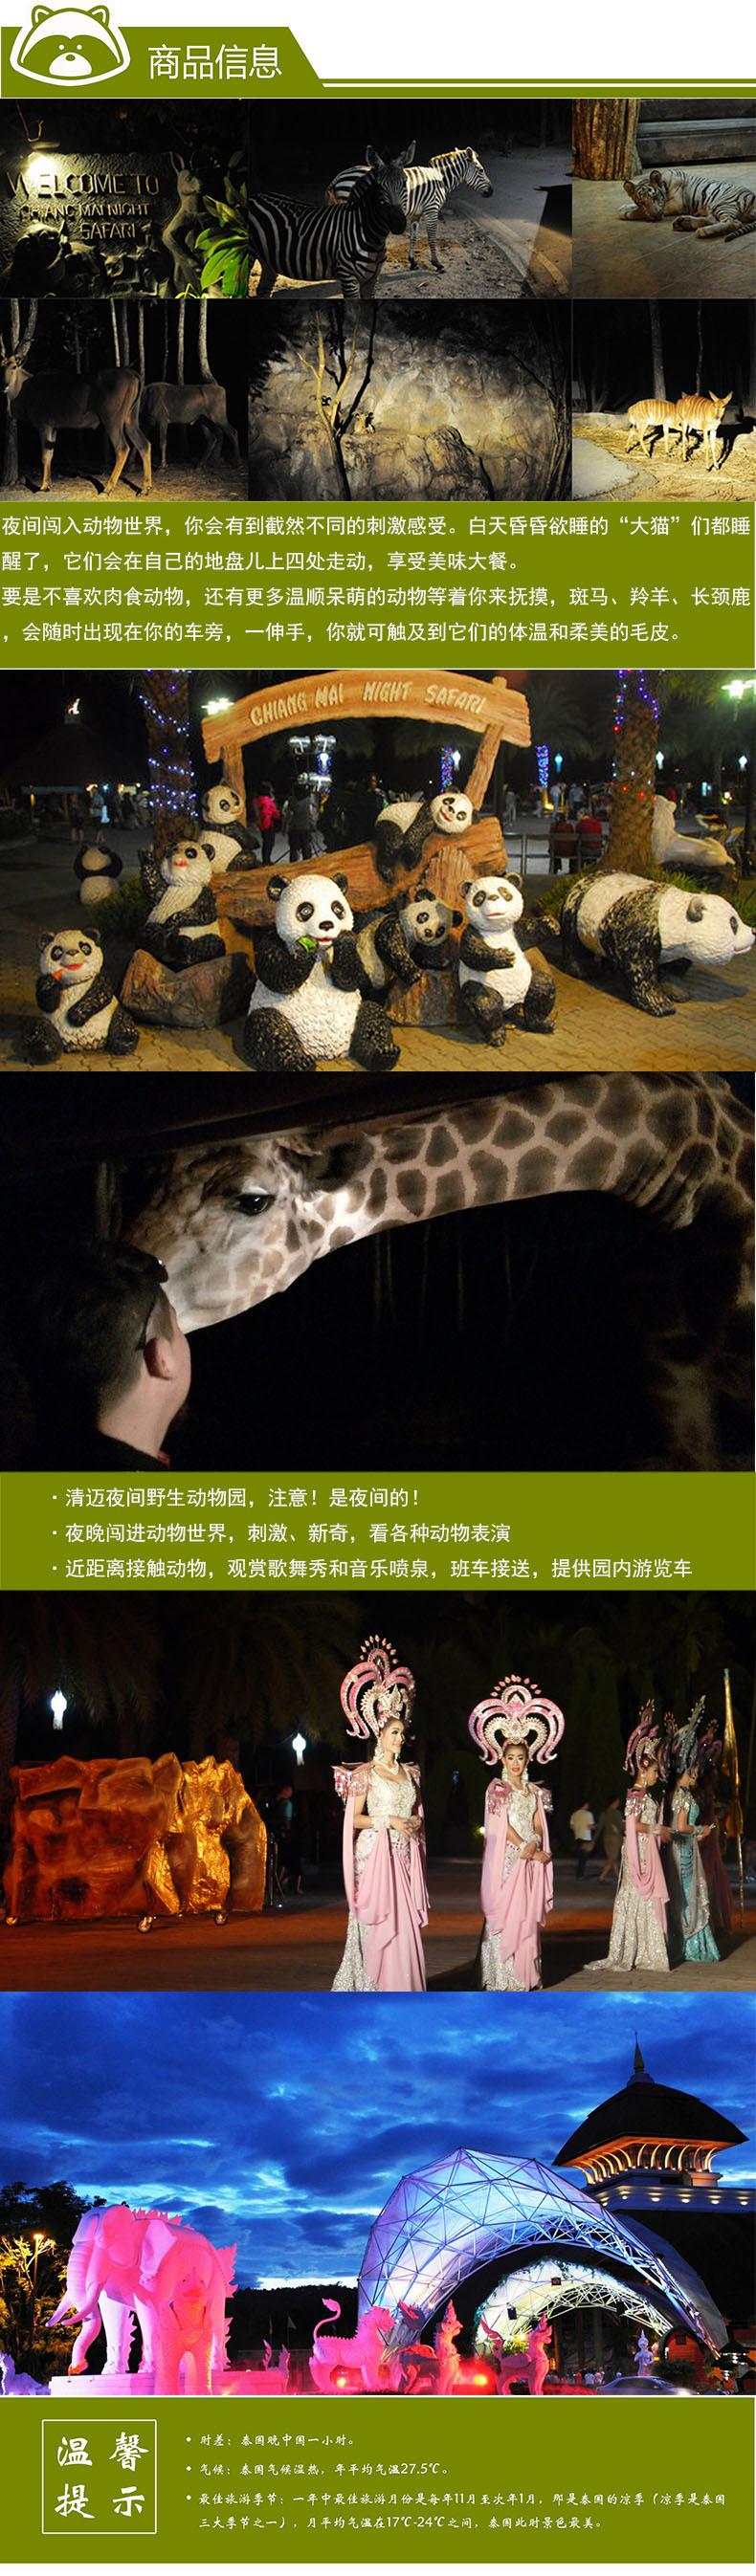 泰国清迈夜间野生动物园夜间儿童一日游(含园内游览车)